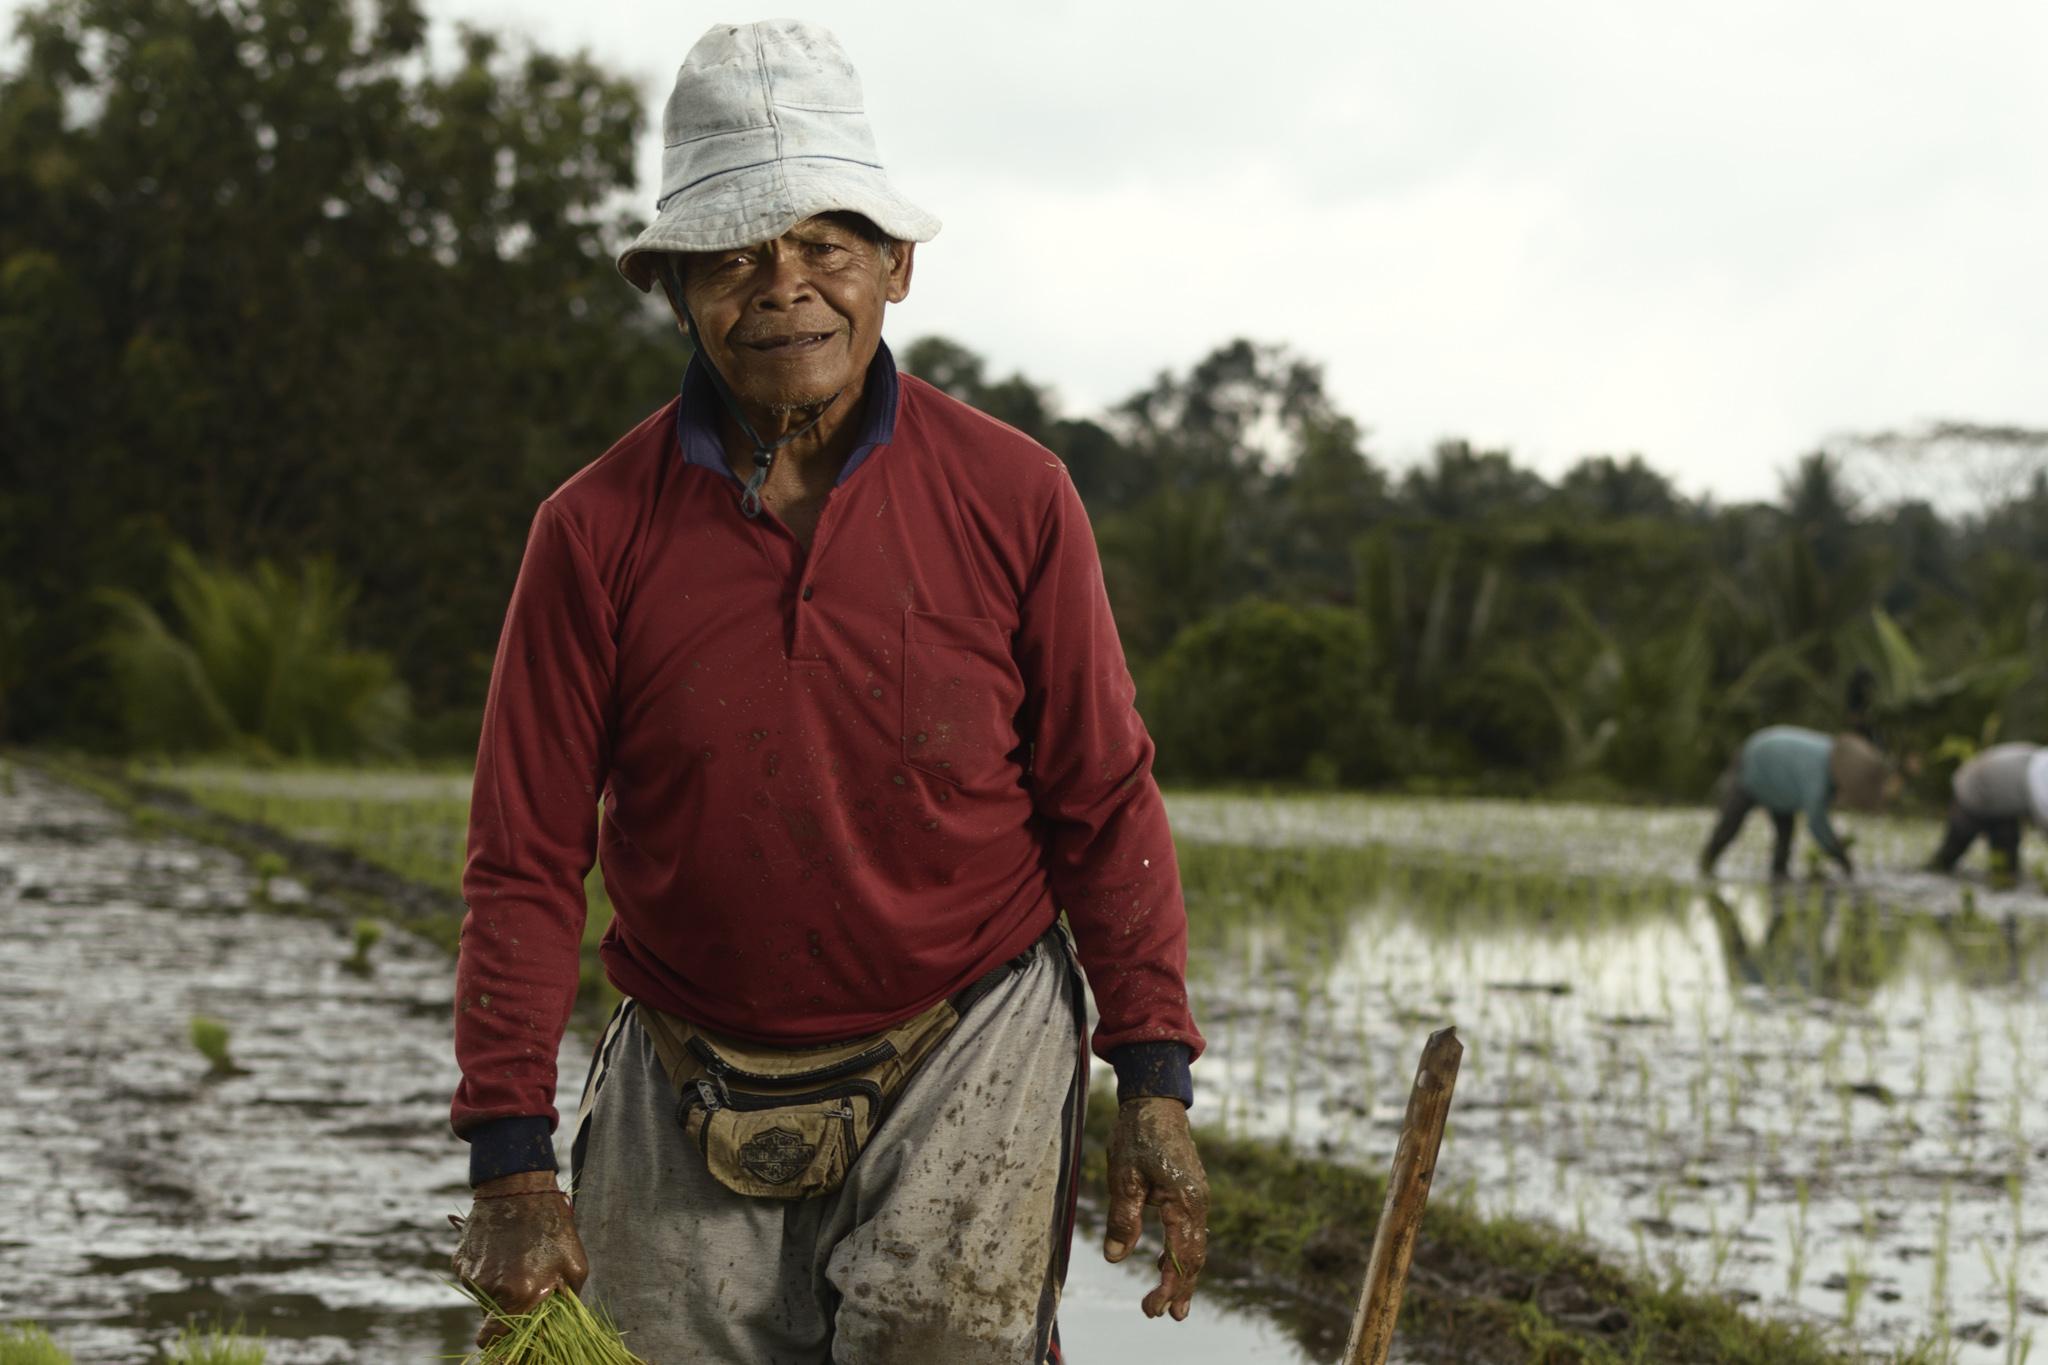 A farmer working the fields. Tabanan regency of Bali.